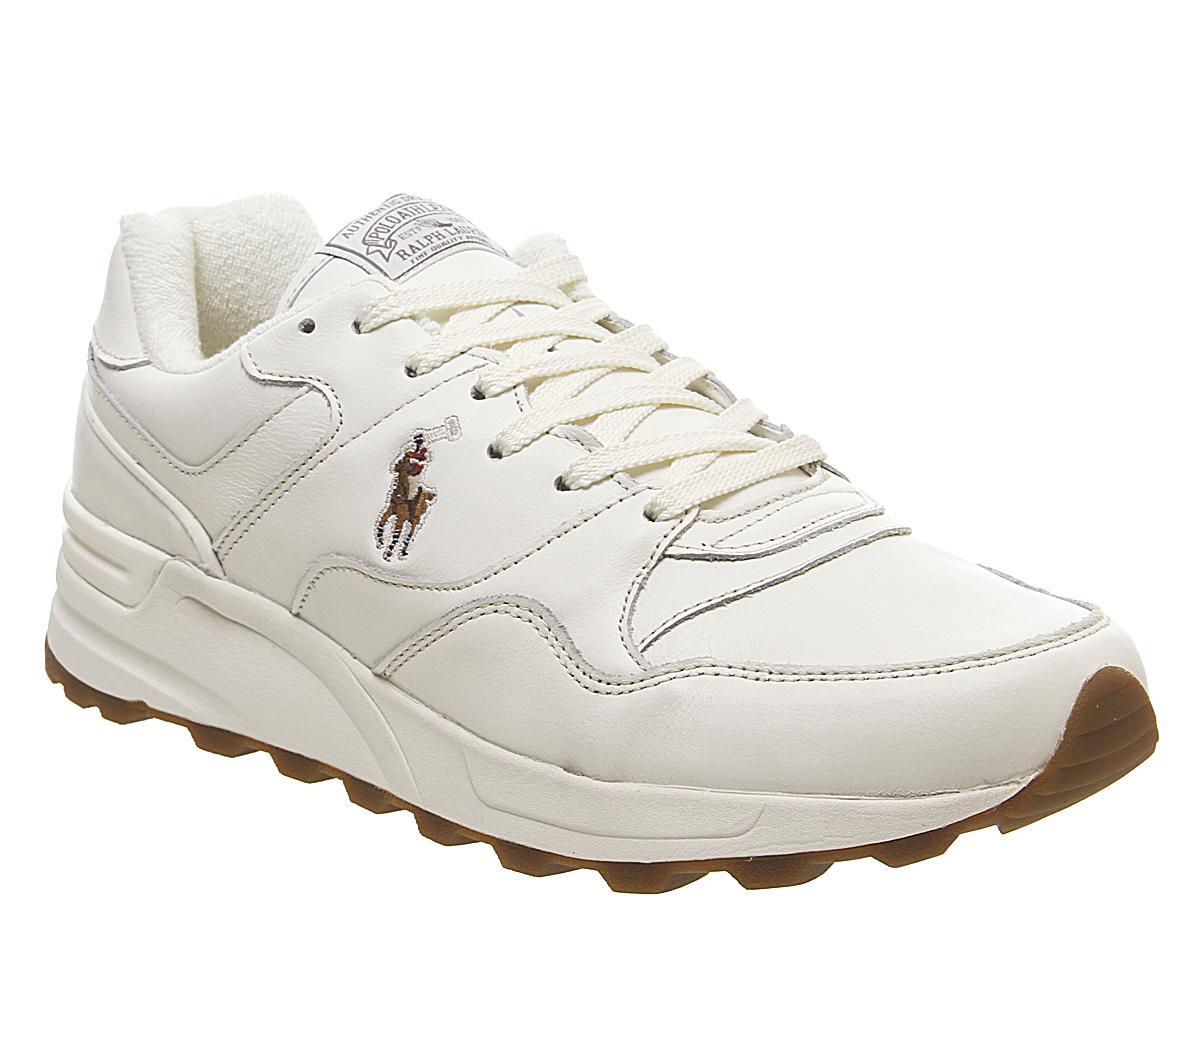 Trackstr 100 Sneakers